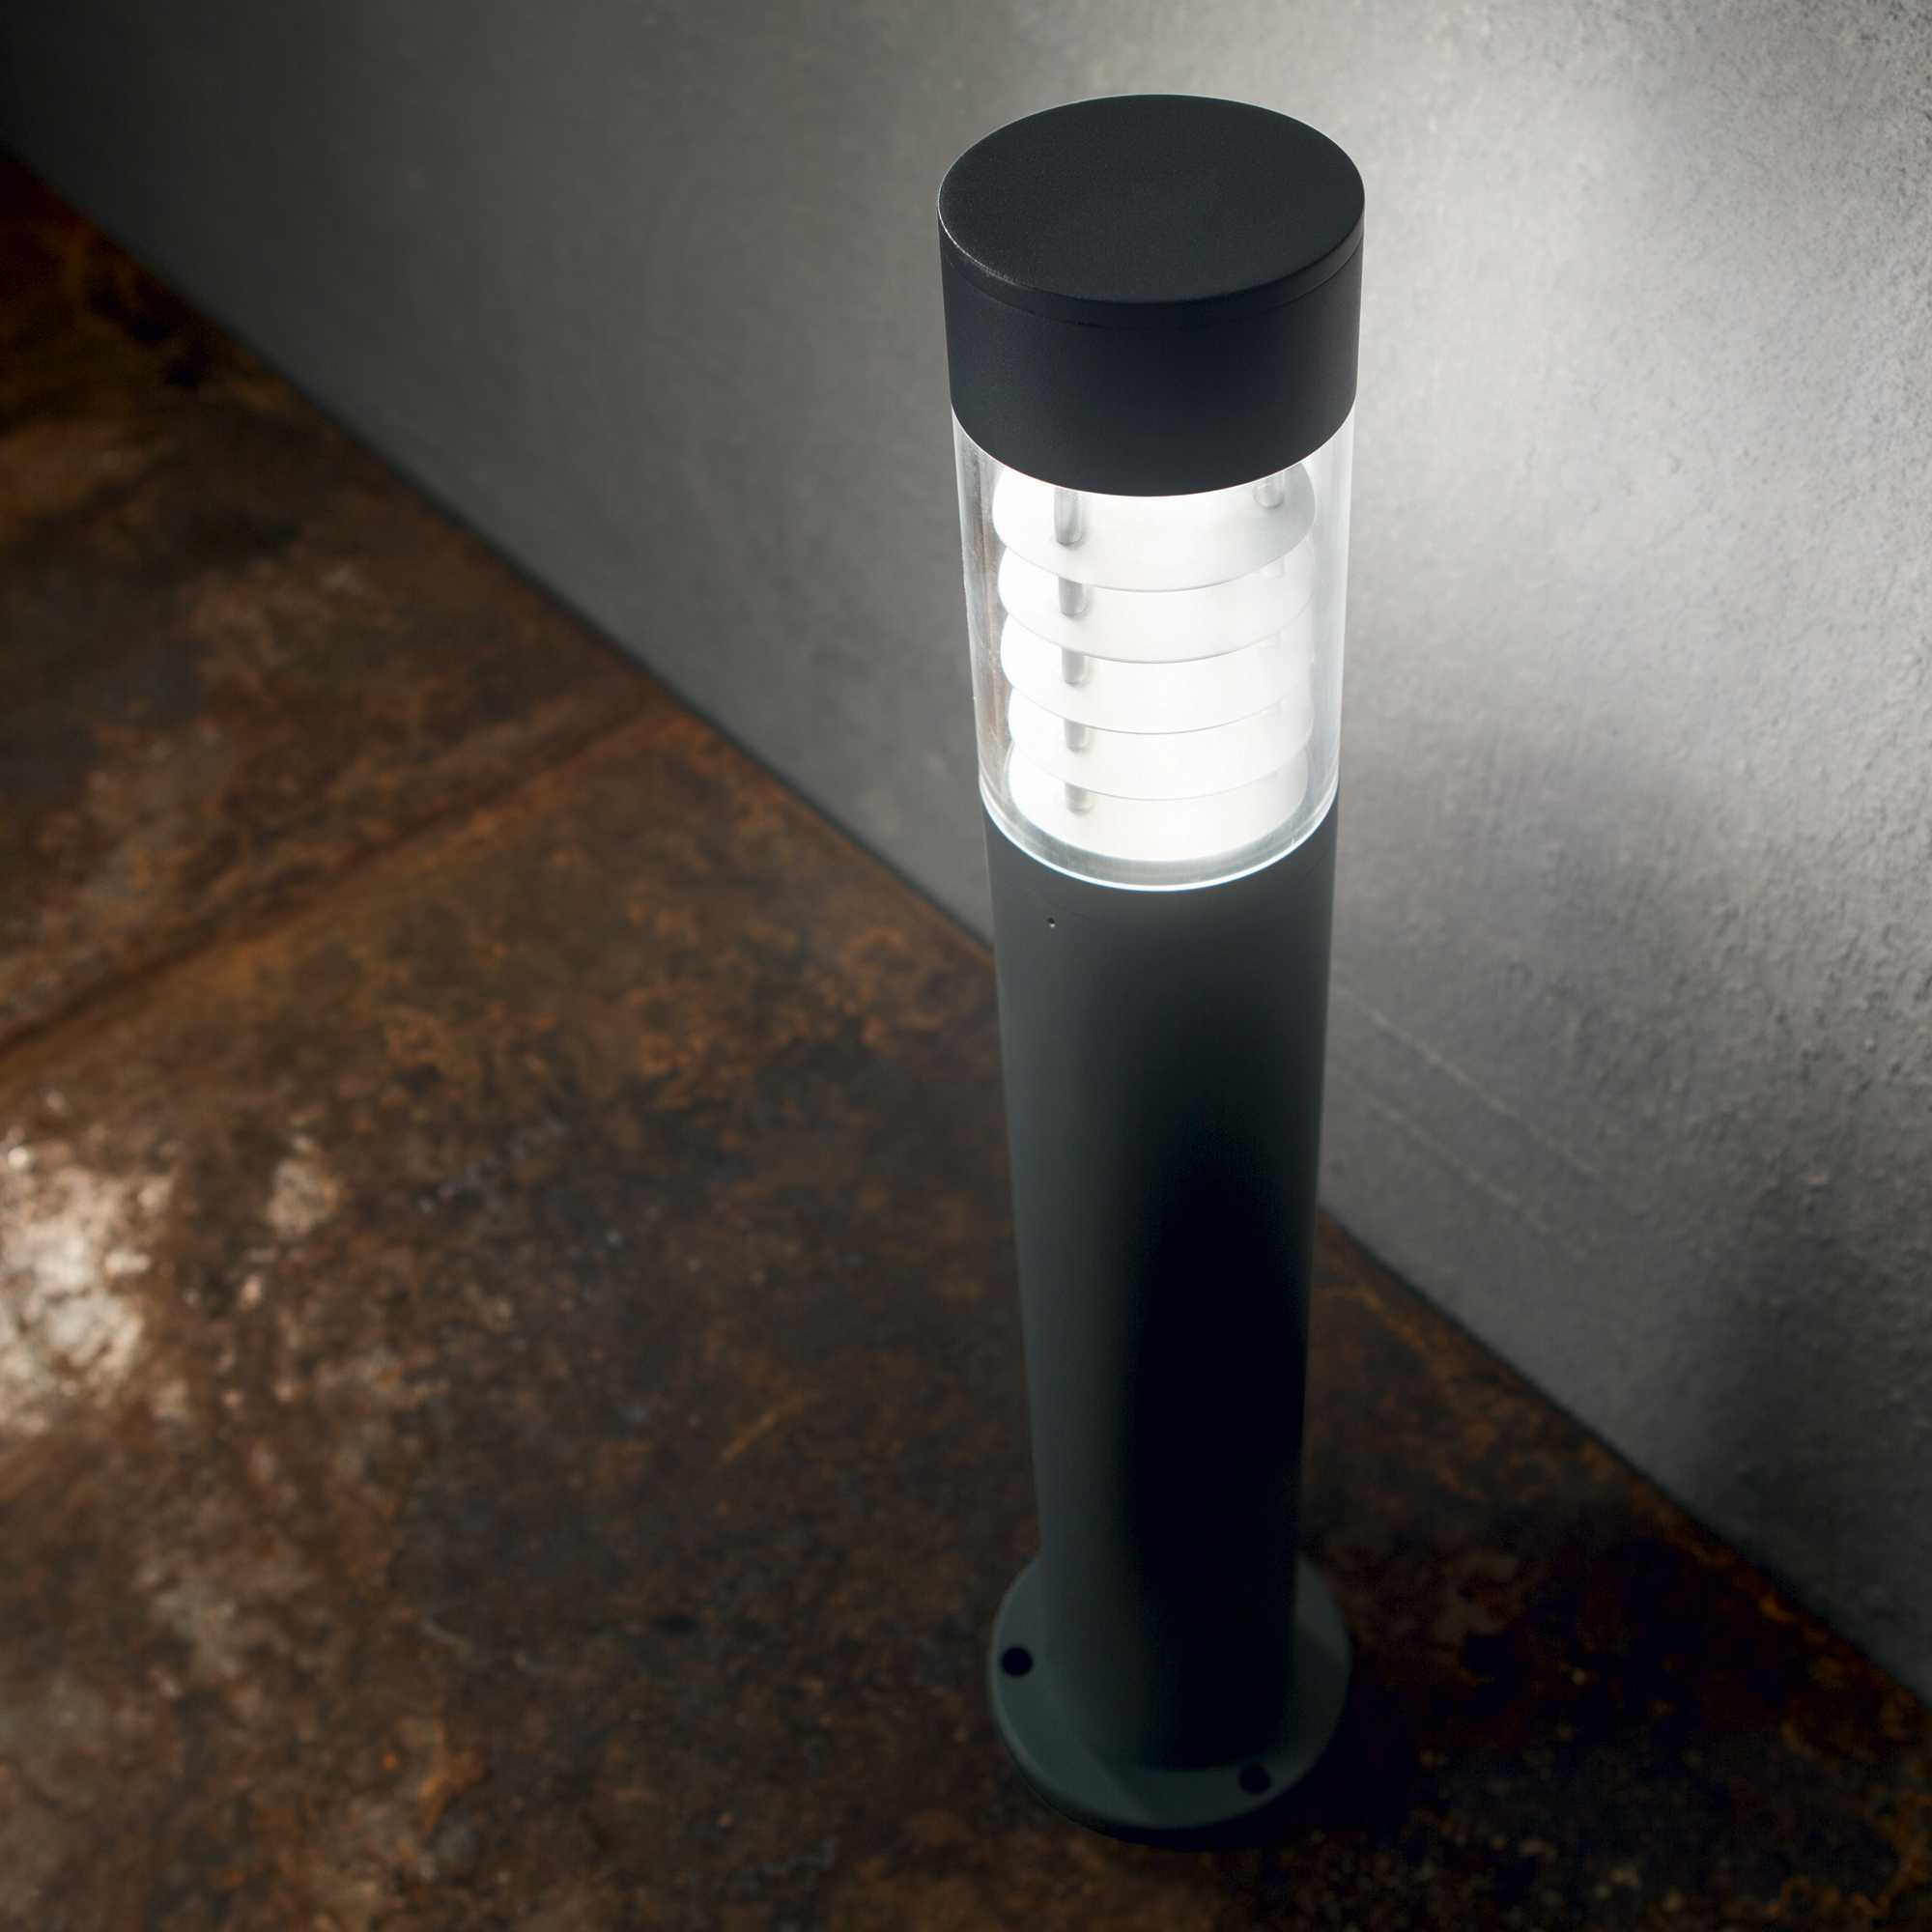 Светильник Ideal Lux Dema PT 248240, IP54, R7Sx60W, черный, прозрачный, металл, стекло - фото 2